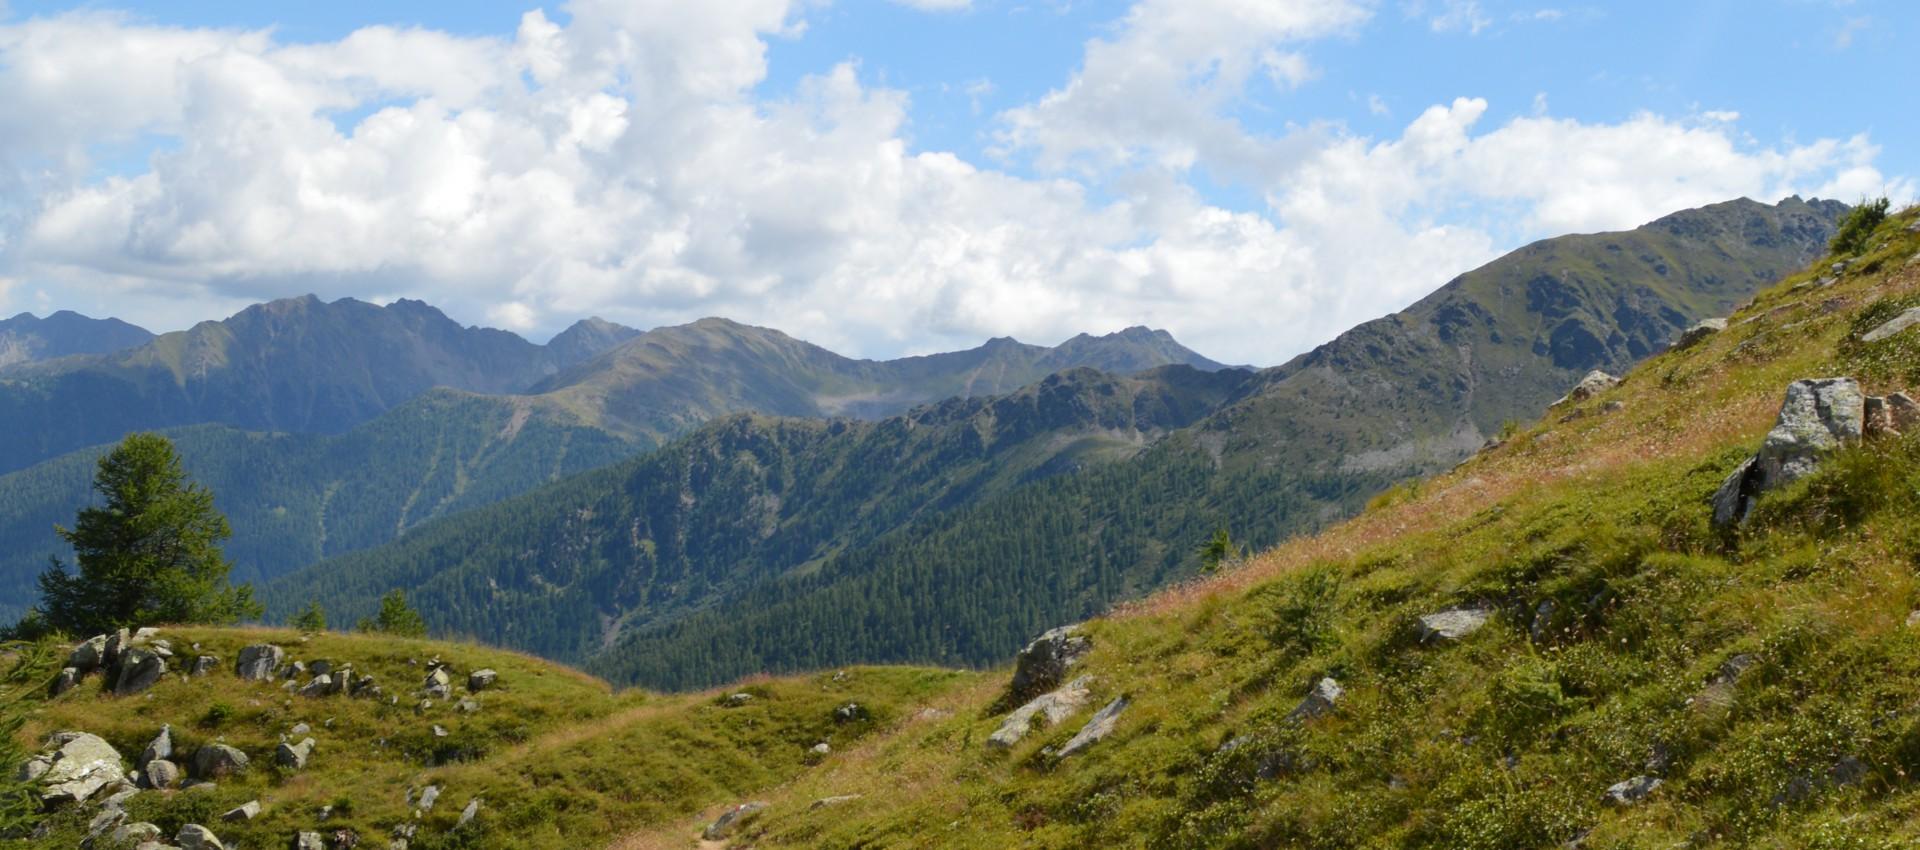 Wanderurlaub bei Meran - Ihr 4 Sterne Wanderhotel in Südtirol - Pfeiss